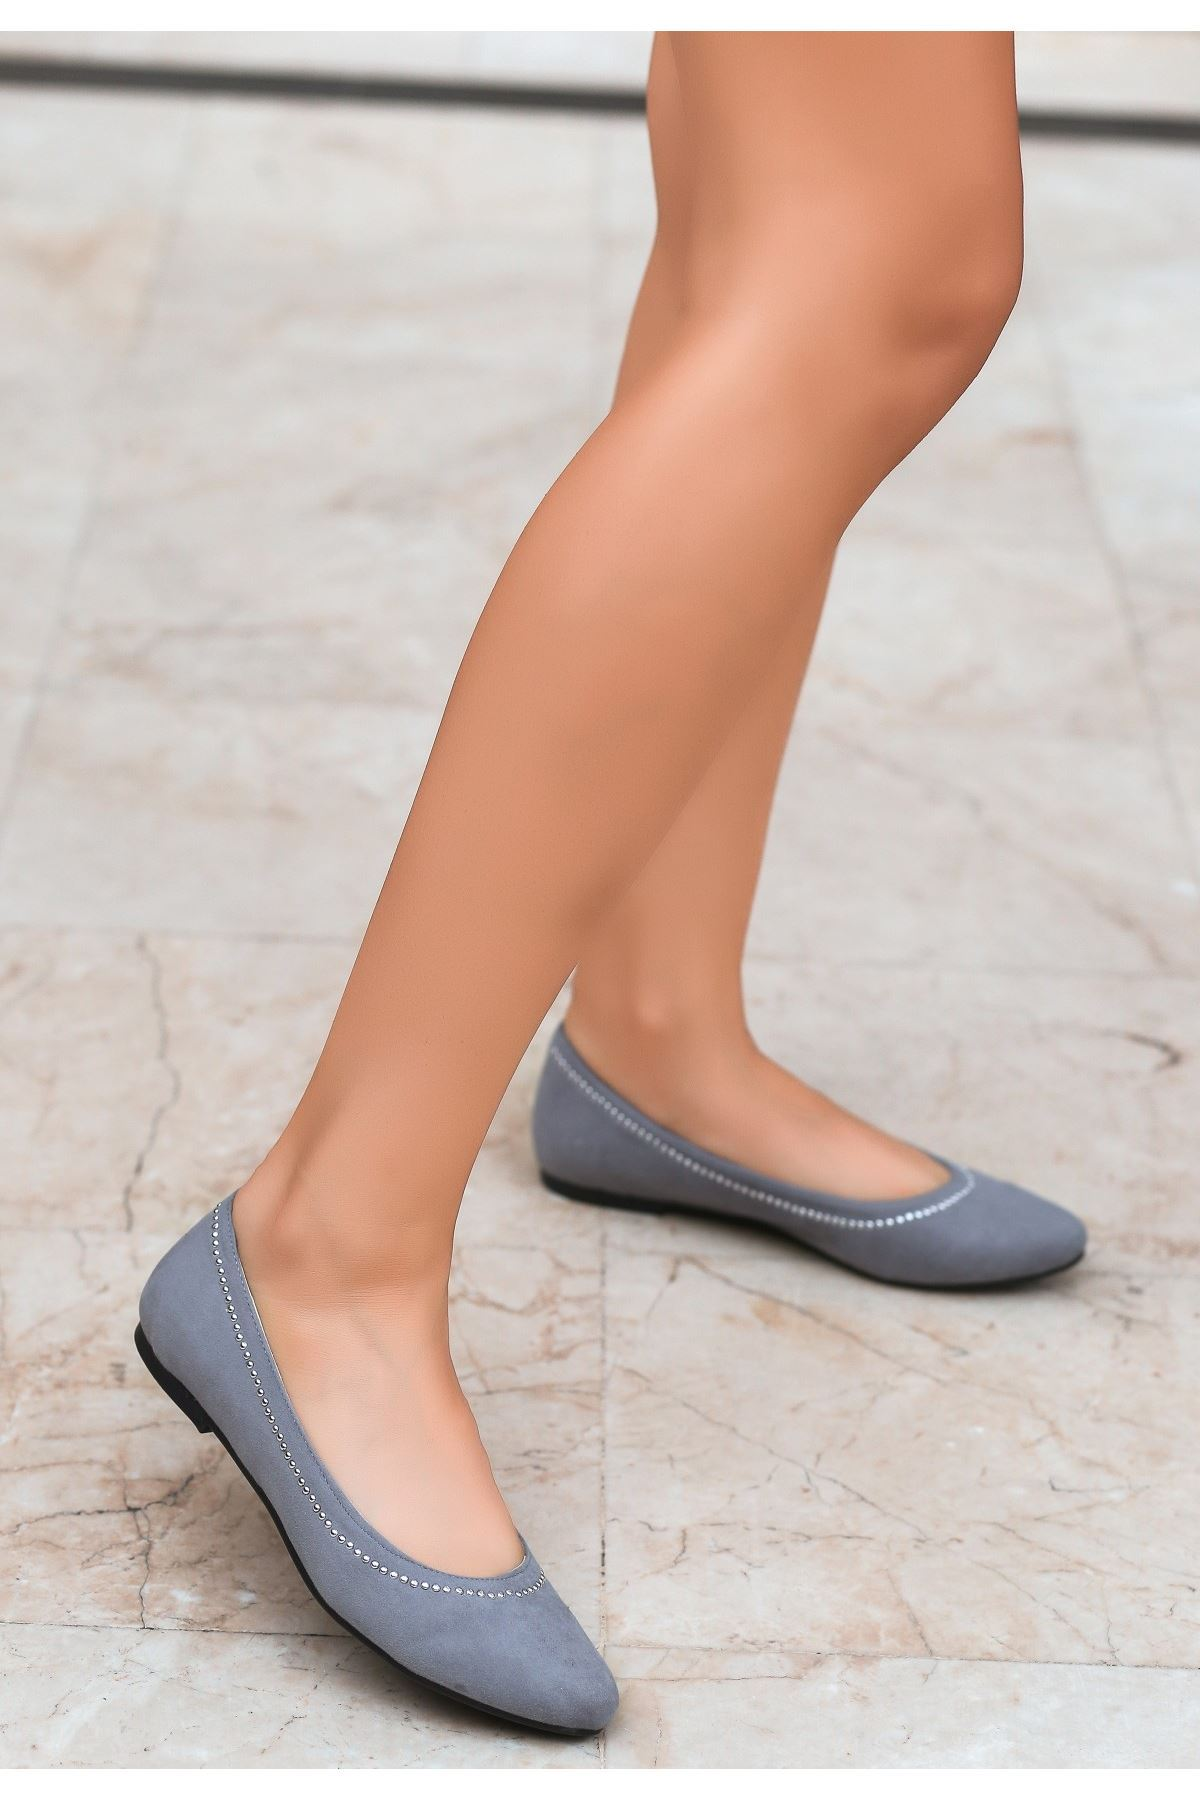 Owry Gri Süet Babet Ayakkabı